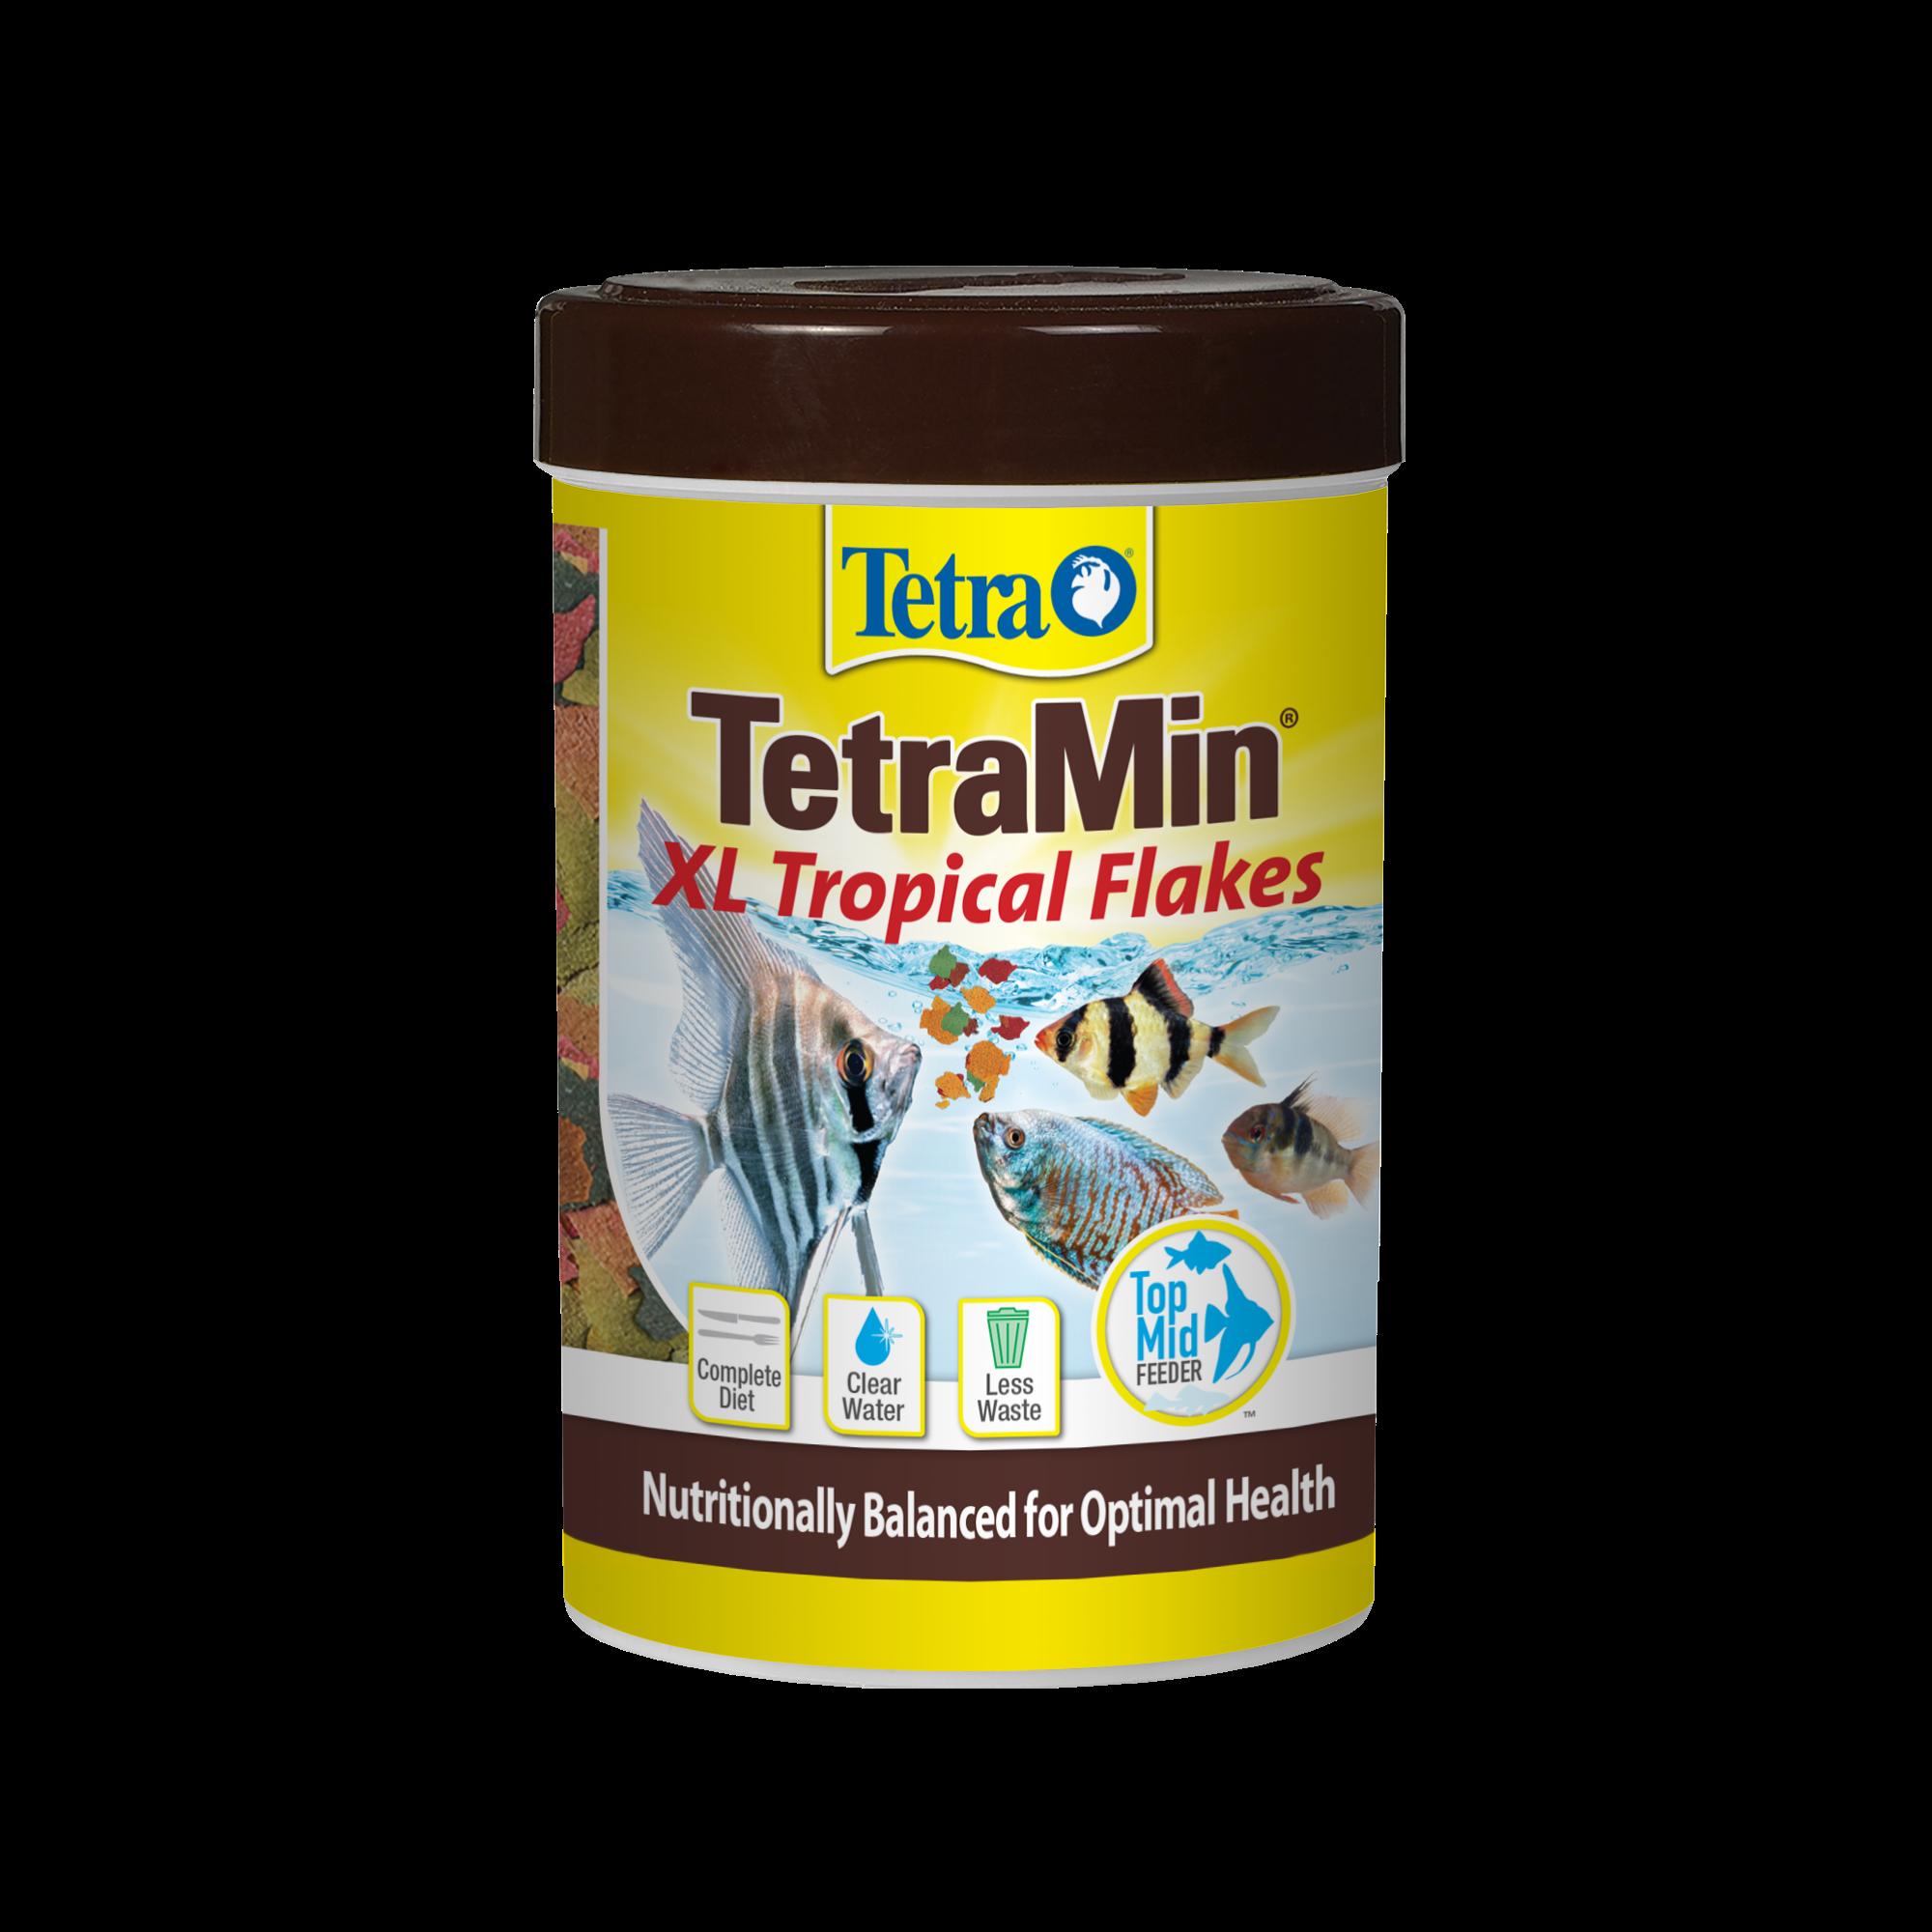 TetraMin Flakes (Large) 5.65 oz, 1 L